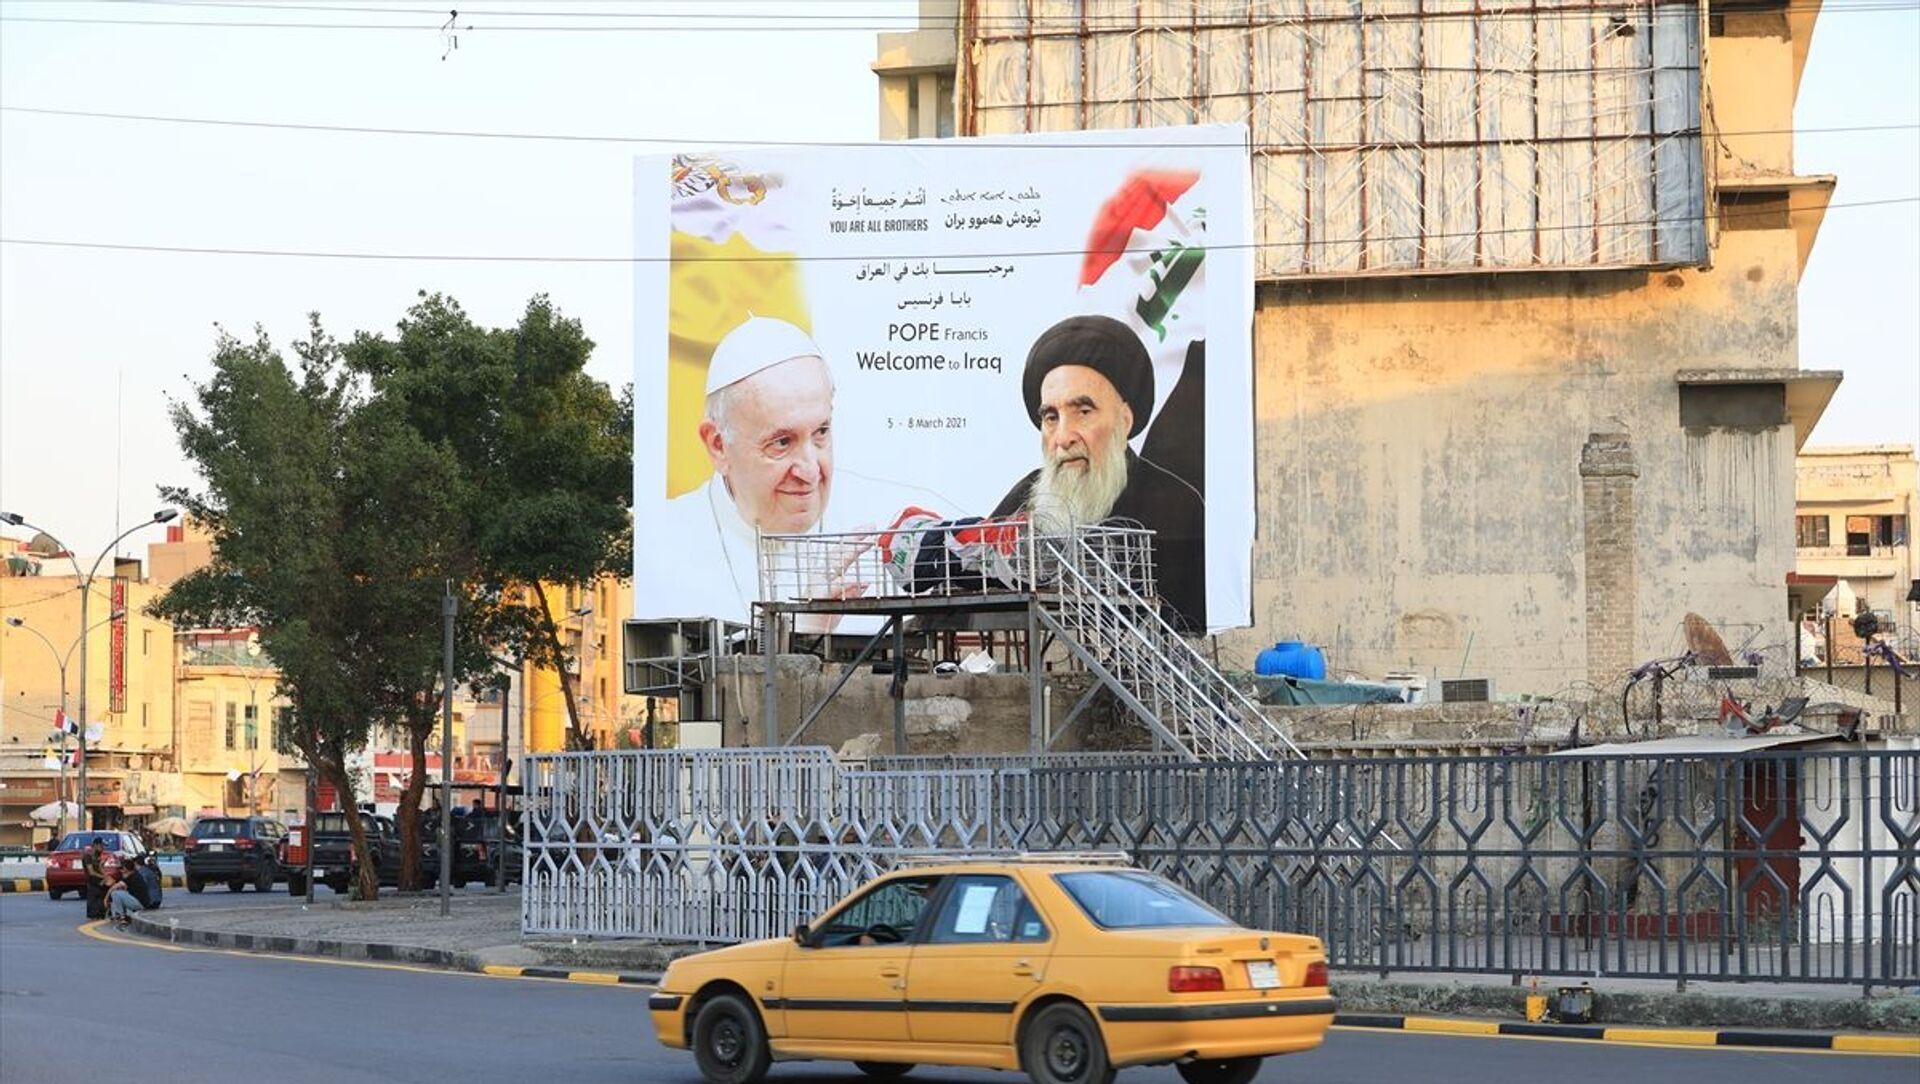 'Papa'nın Irak ziyaretinden İran karşıtı Şiiler mutlu' - Sputnik Türkiye, 1920, 04.03.2021